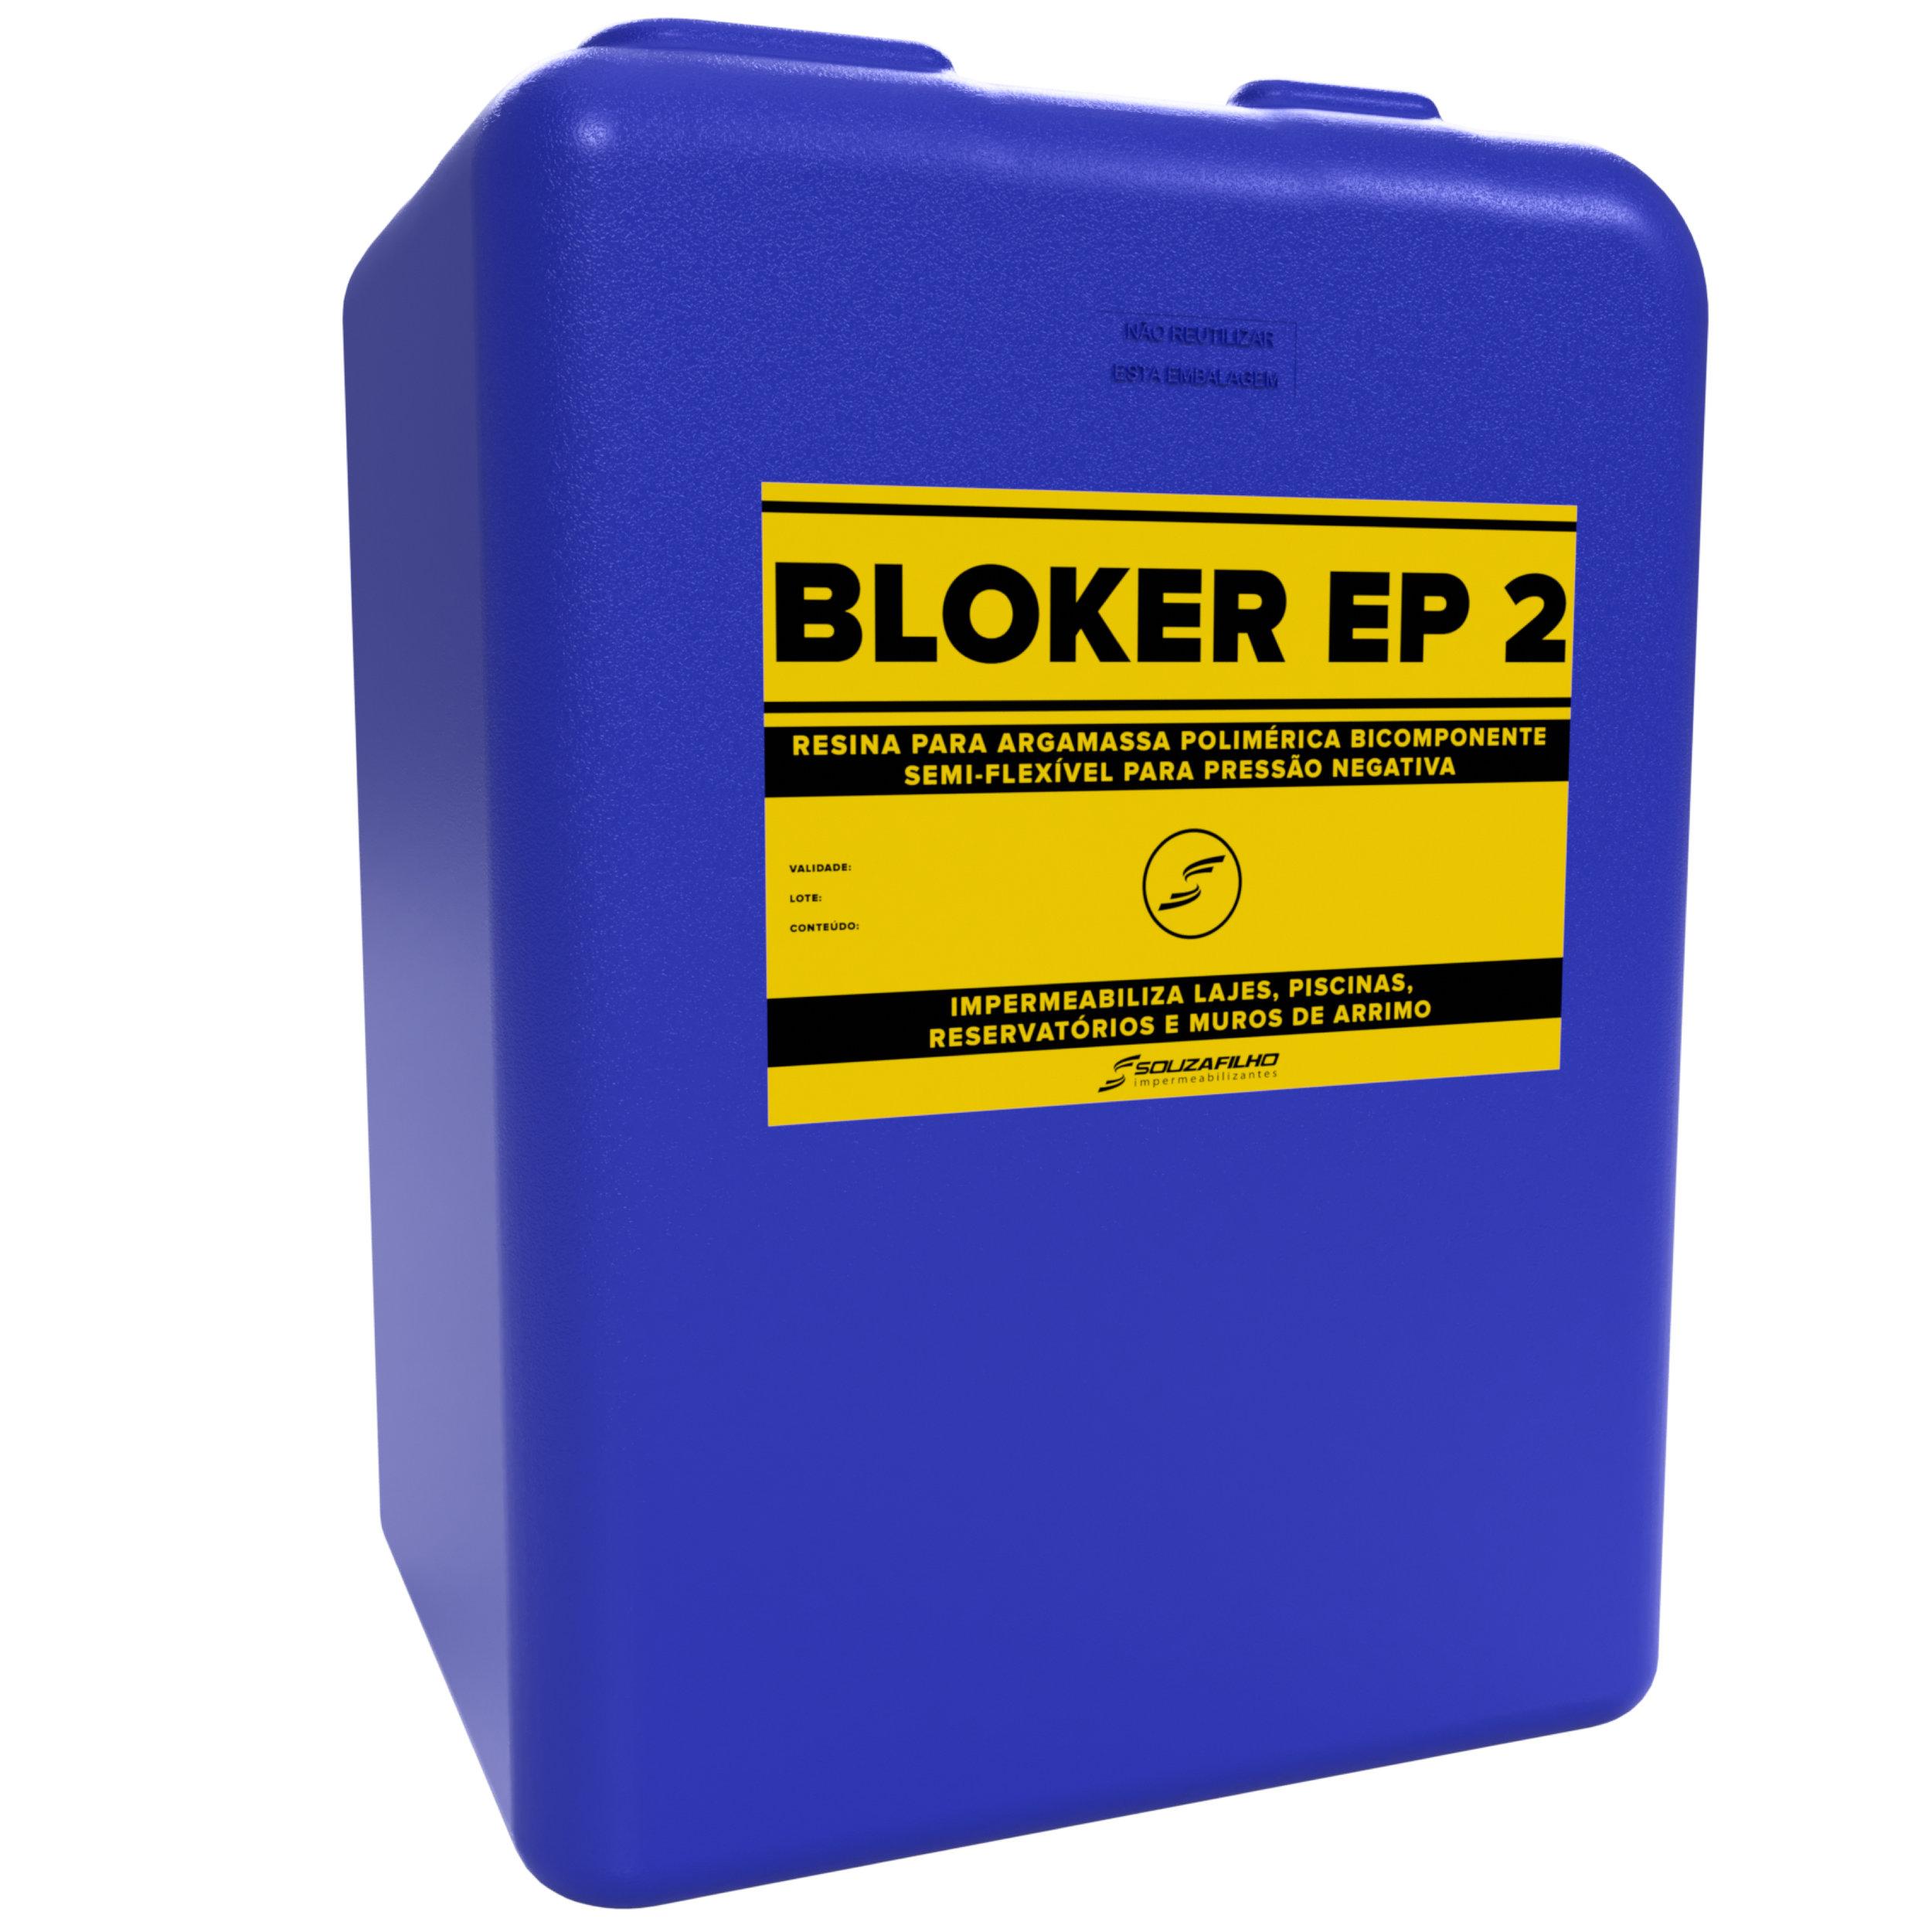 bloker_ep_2_argamassa_polimerica_flexivel.jpg